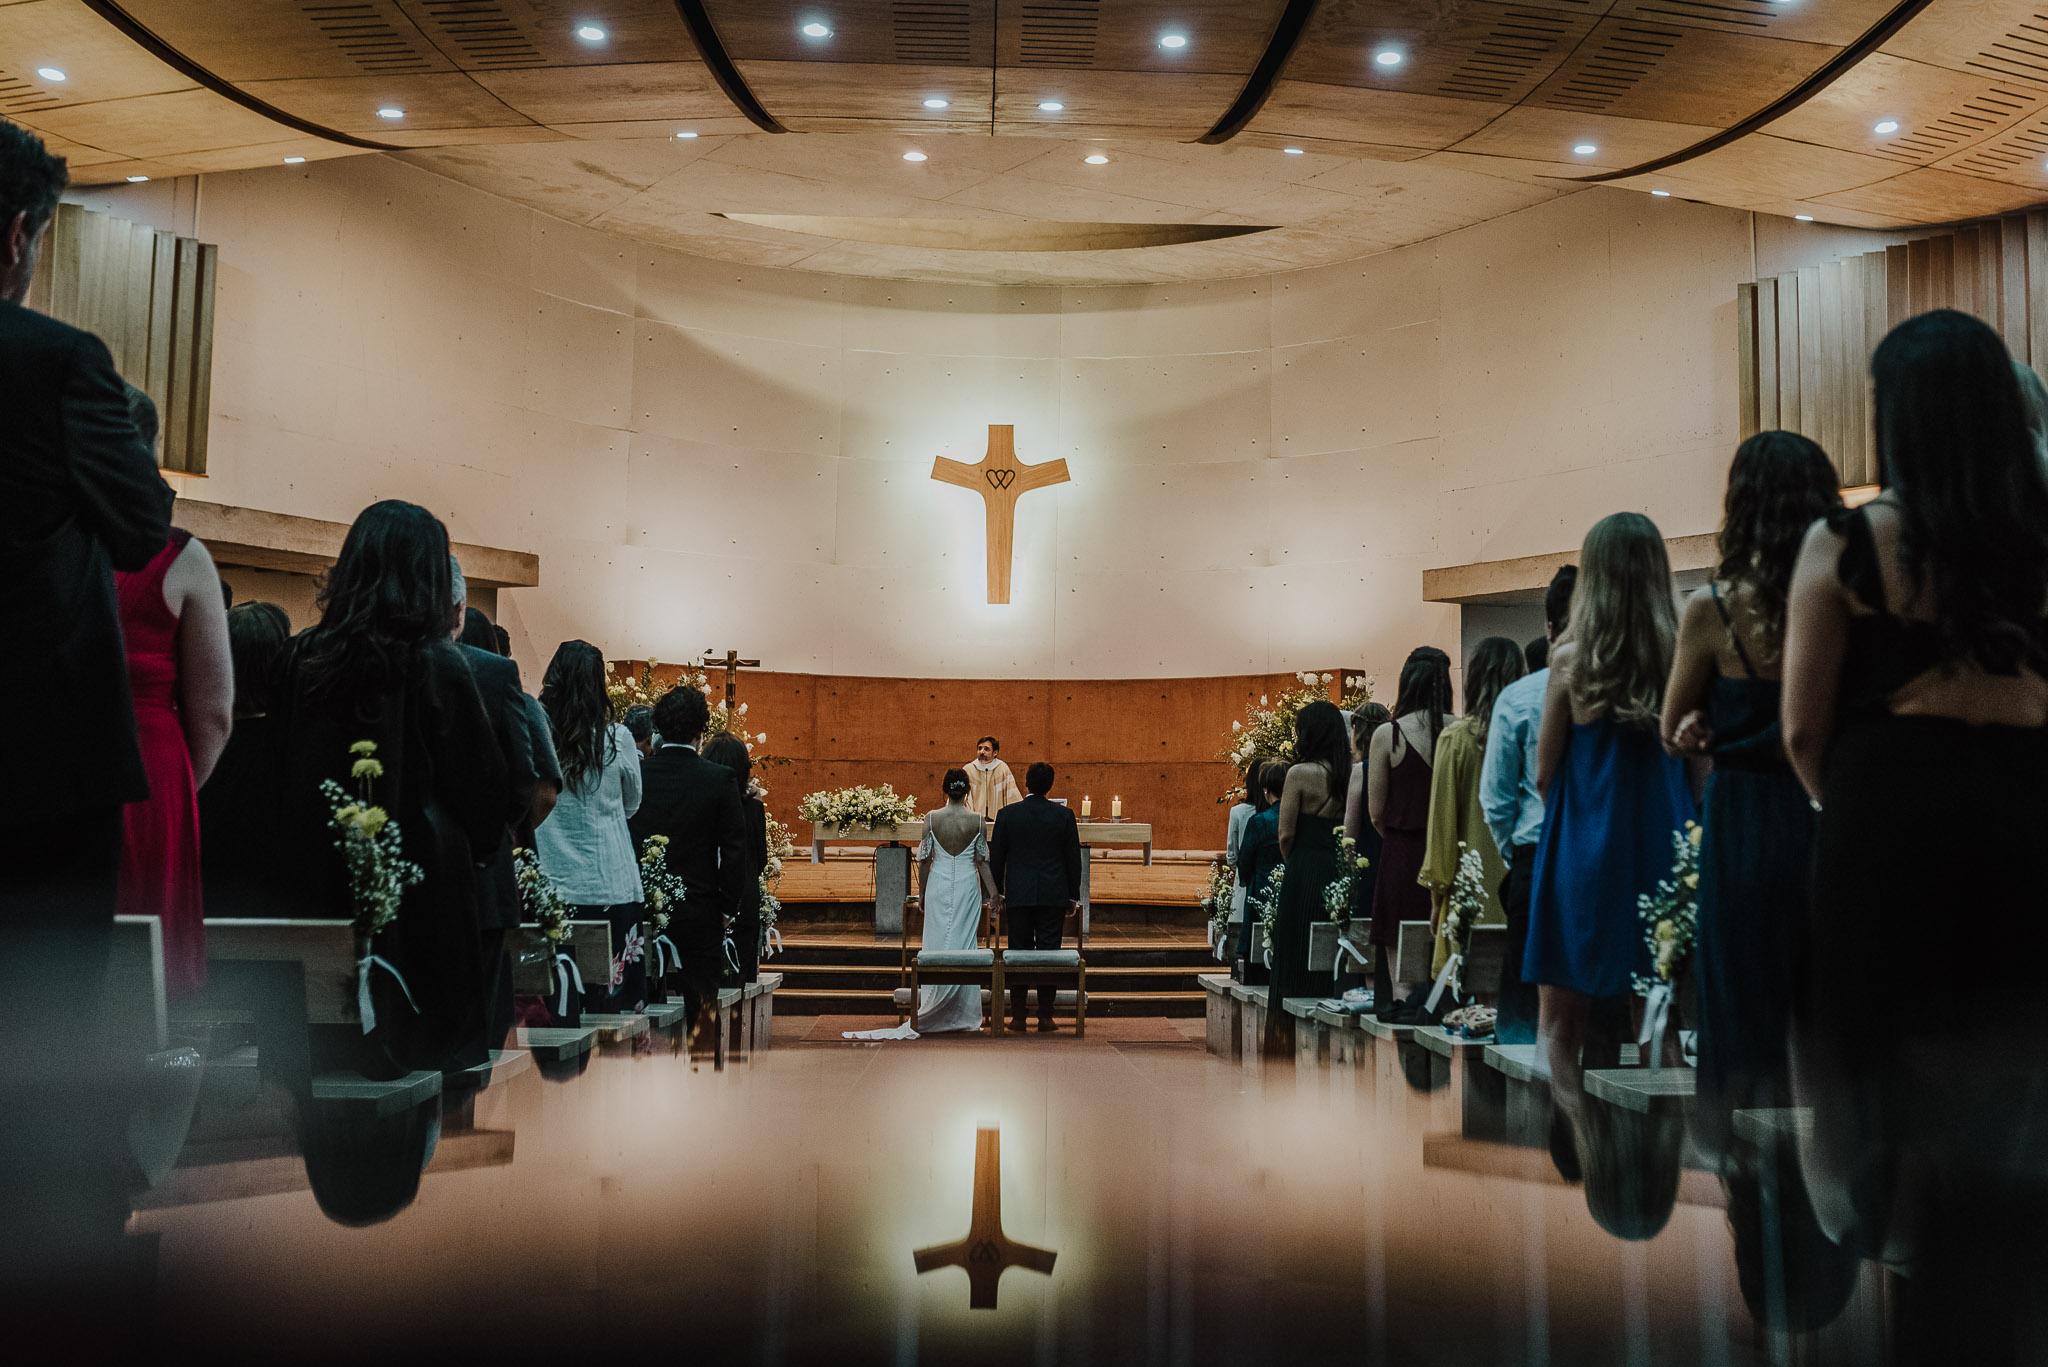 fotografo de matrimonios-preparativos novia-novia-ceremonia-iglesia sagrados corazones de manquehue